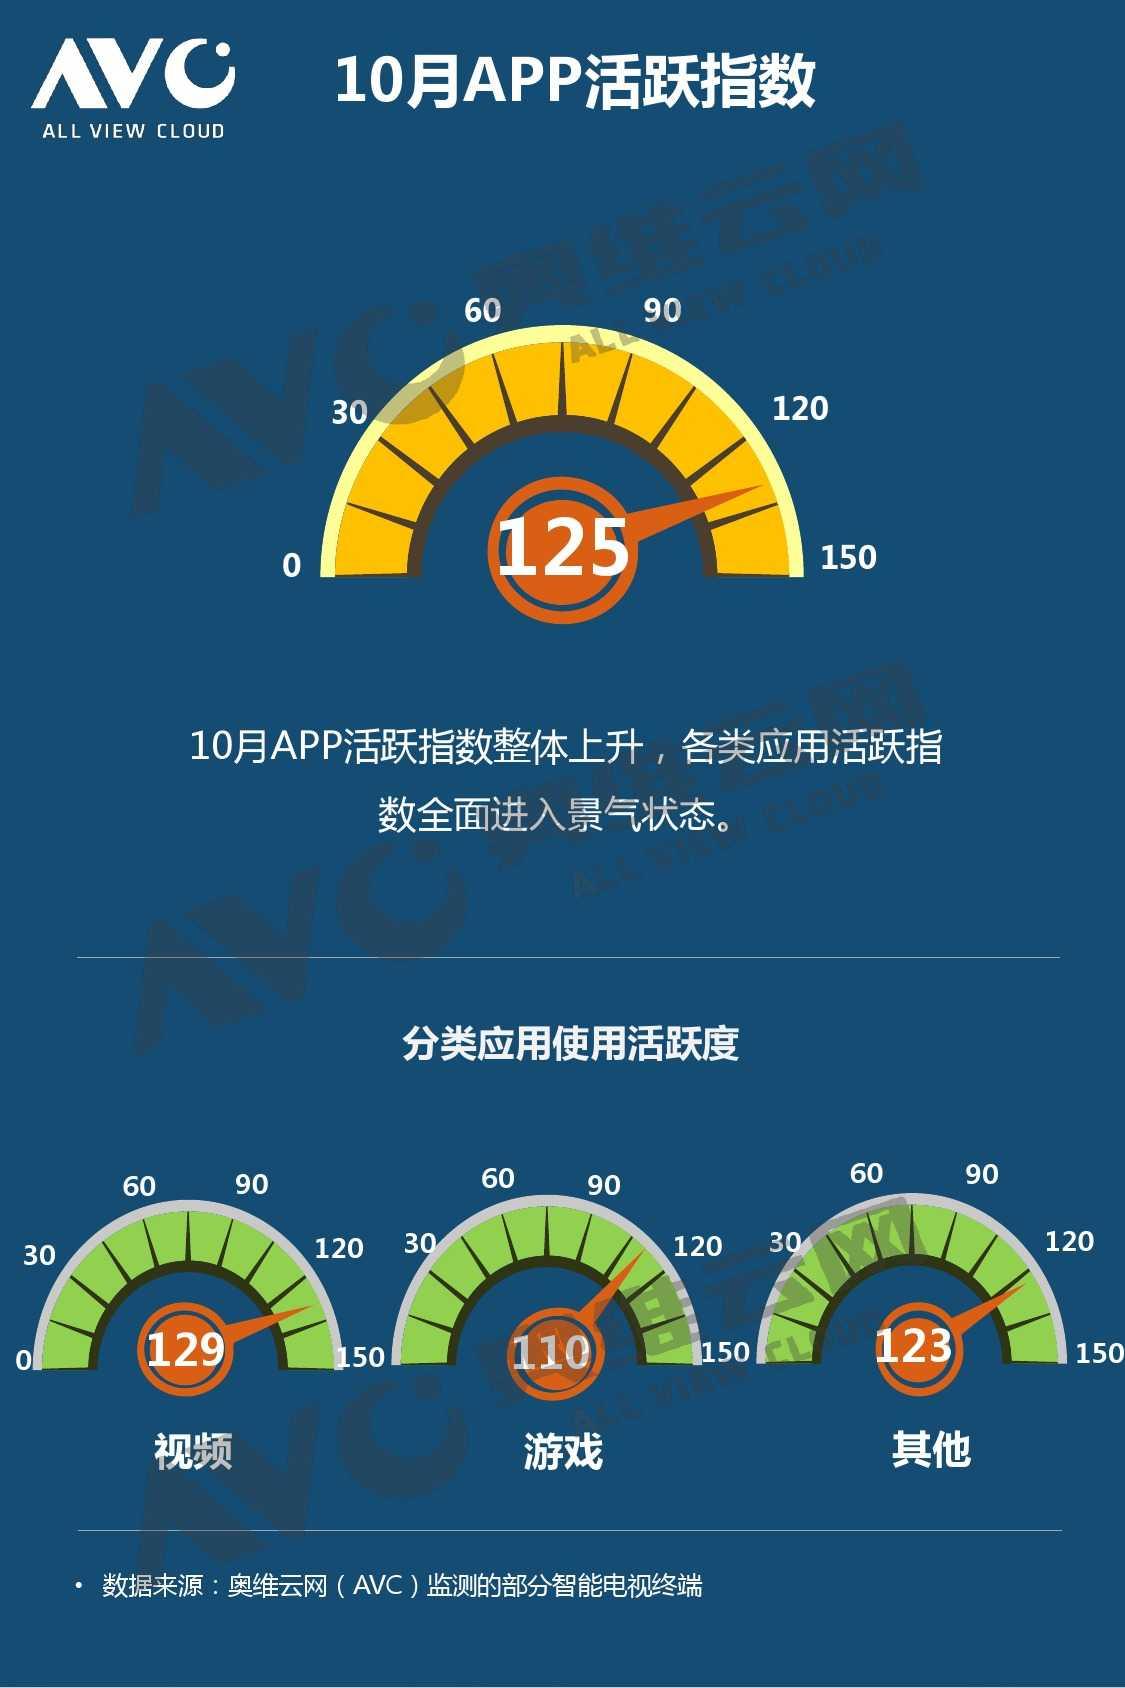 奥维云网:2015年10月份中国OTT发展研究_000006